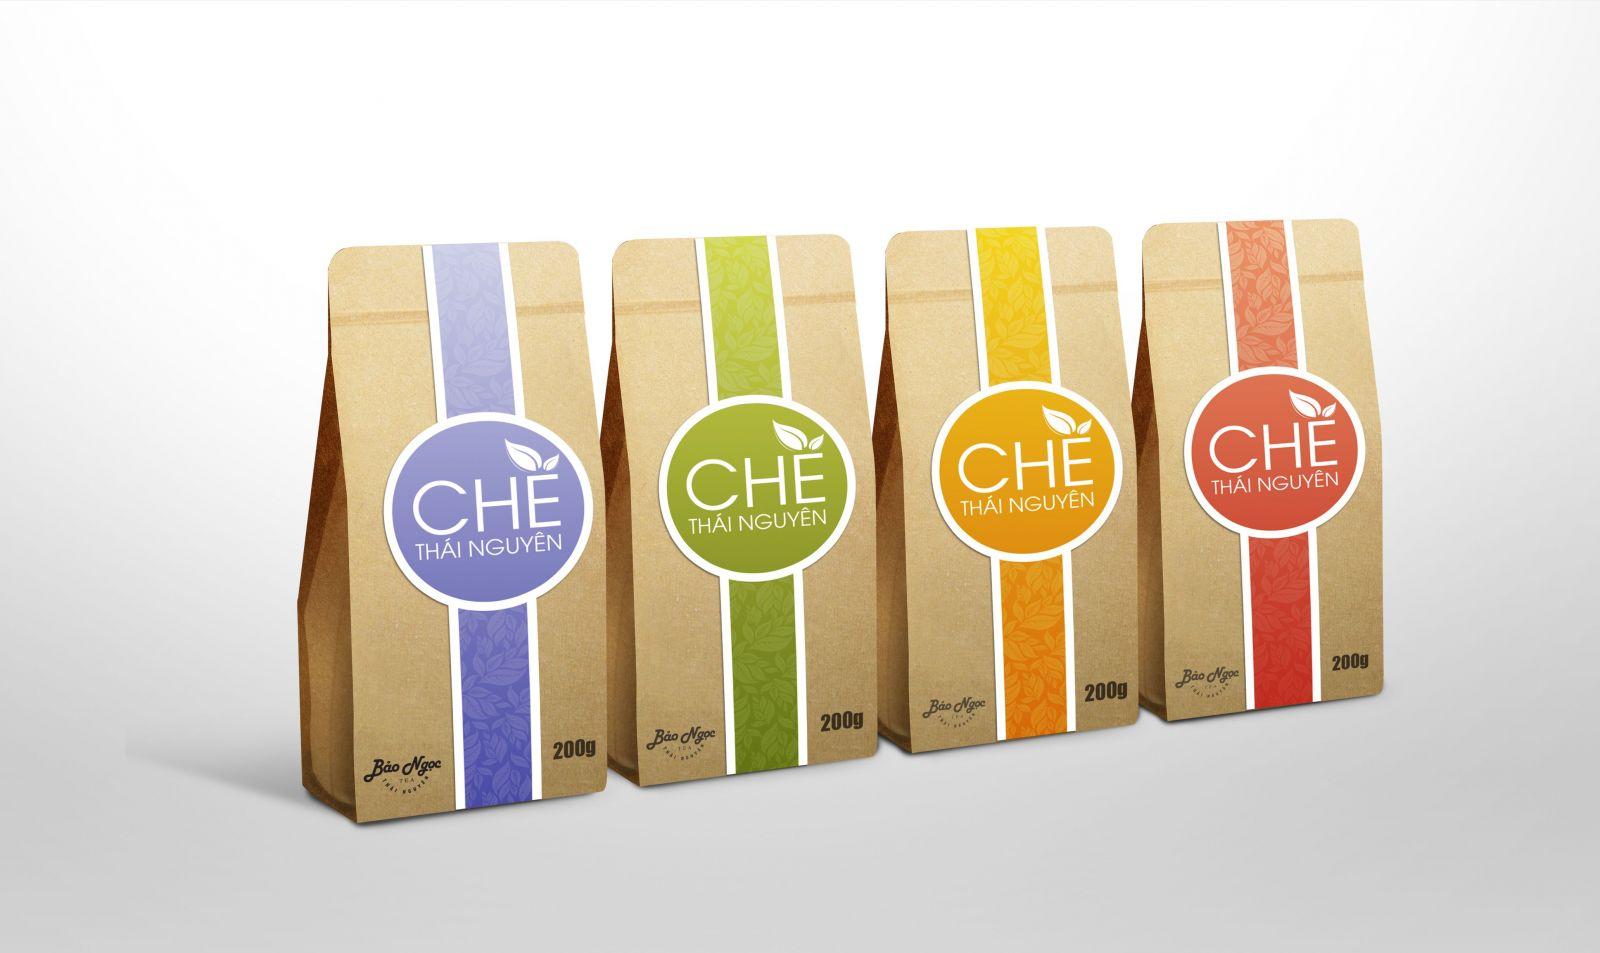 Túi giấy kraft có rất nhiều ứng dụng trong ngành sản xuất bao bì đóng gói